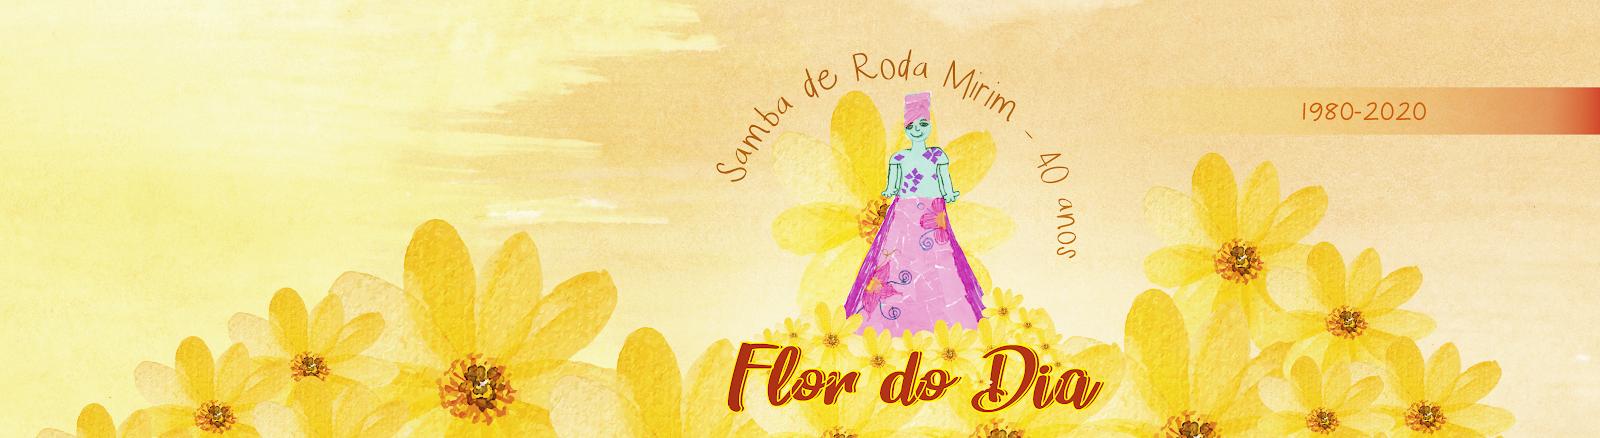 Casa do Samba de Roda de D. Dalva